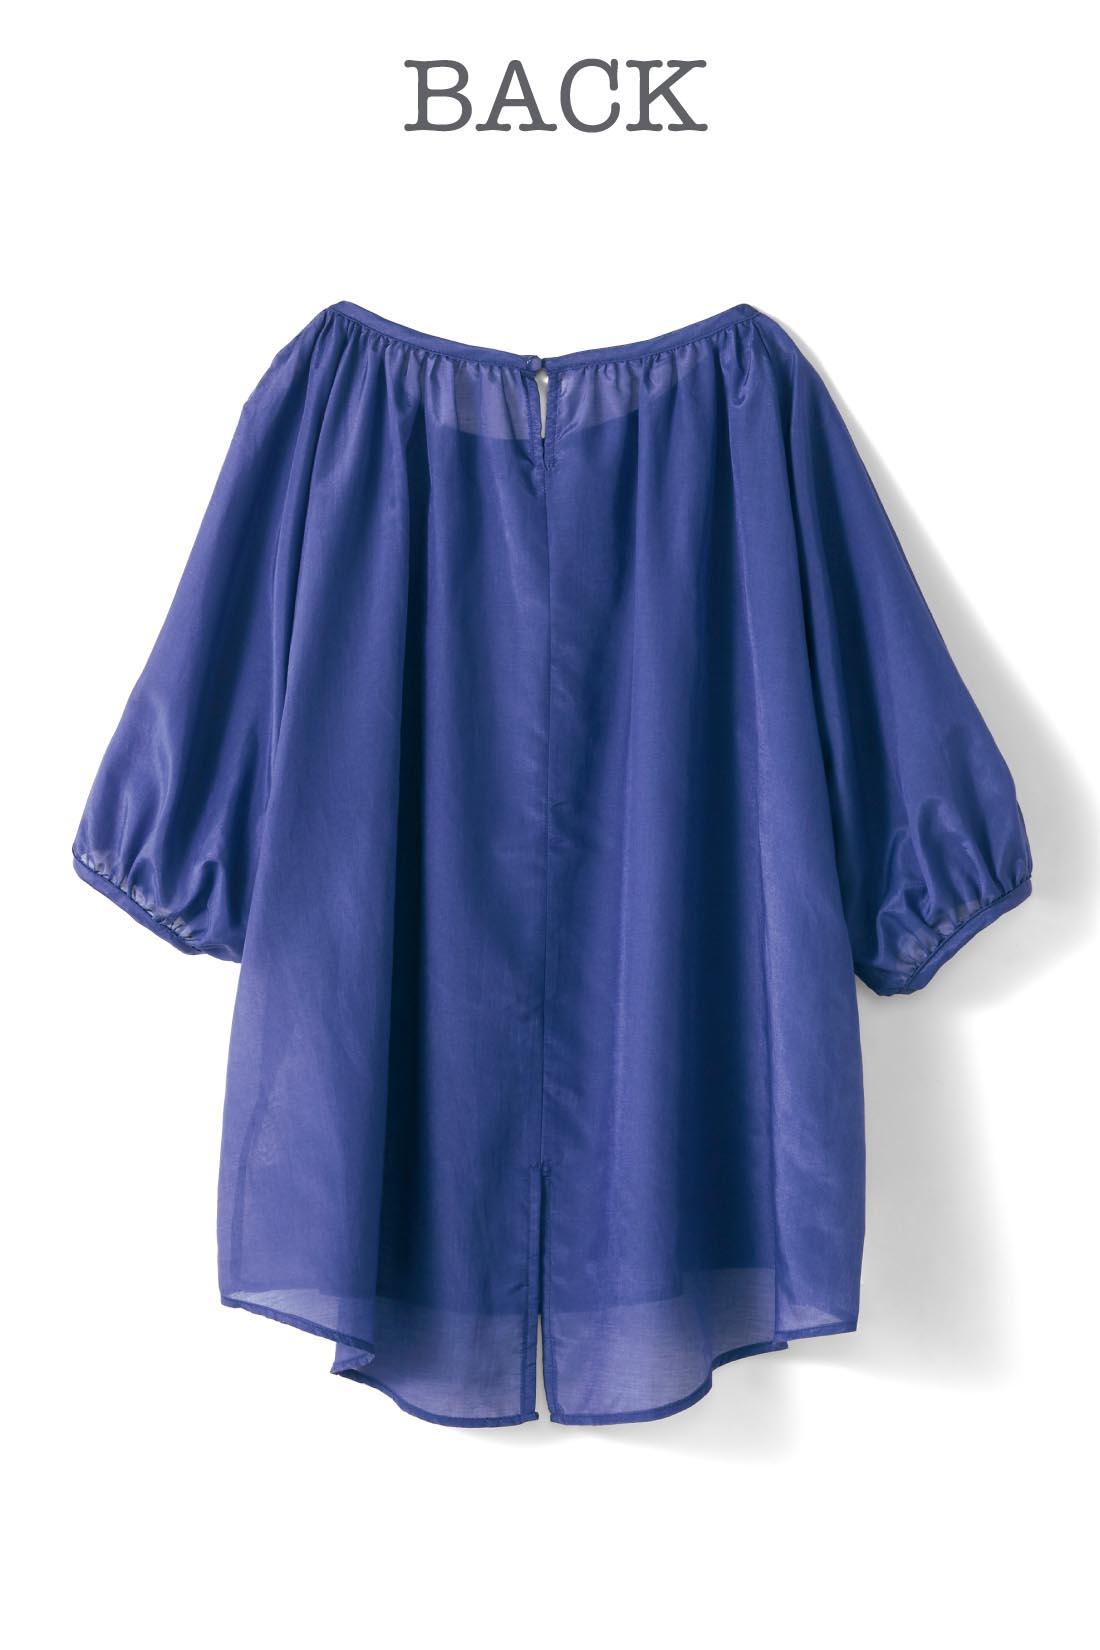 衿ぐりにはアクセントになるボタンがひとつ。すそにバックスリットを入れ、ひらりとかわいいニュアンスに。 ※お届けするカラーとは異なります。